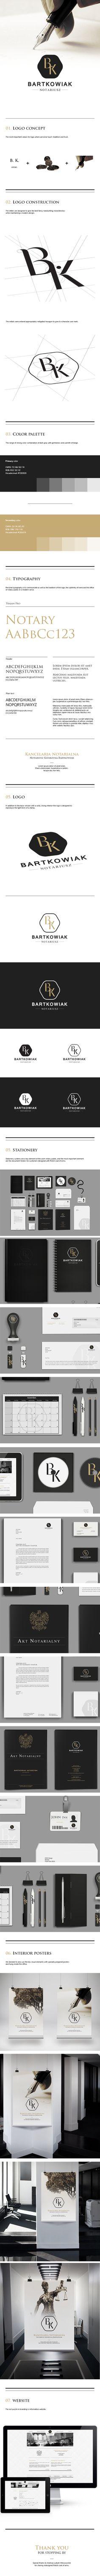 Notary K.Bartkowiak | Designer: Marcin Wisniewski